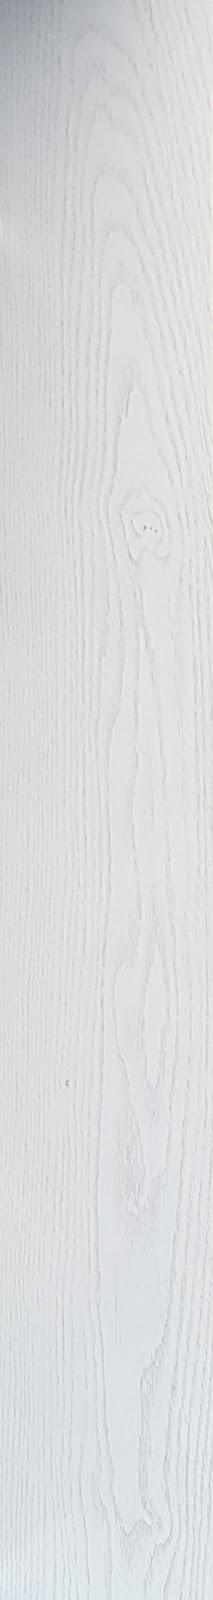 天然木地板-曙光白